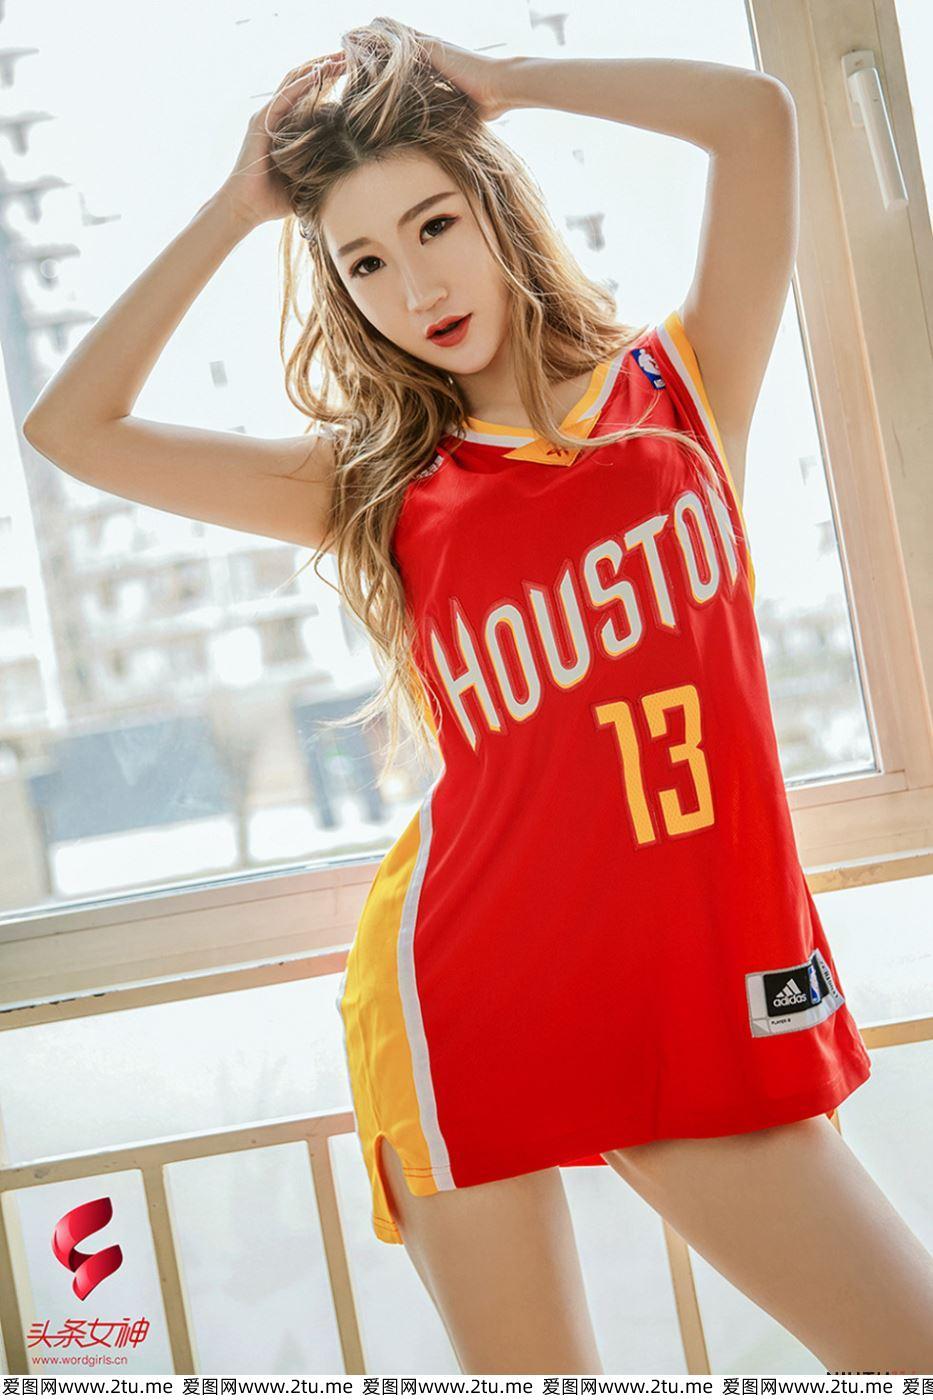 头条女神网络红人玄子运动装性感篮球宝贝大长腿私房照